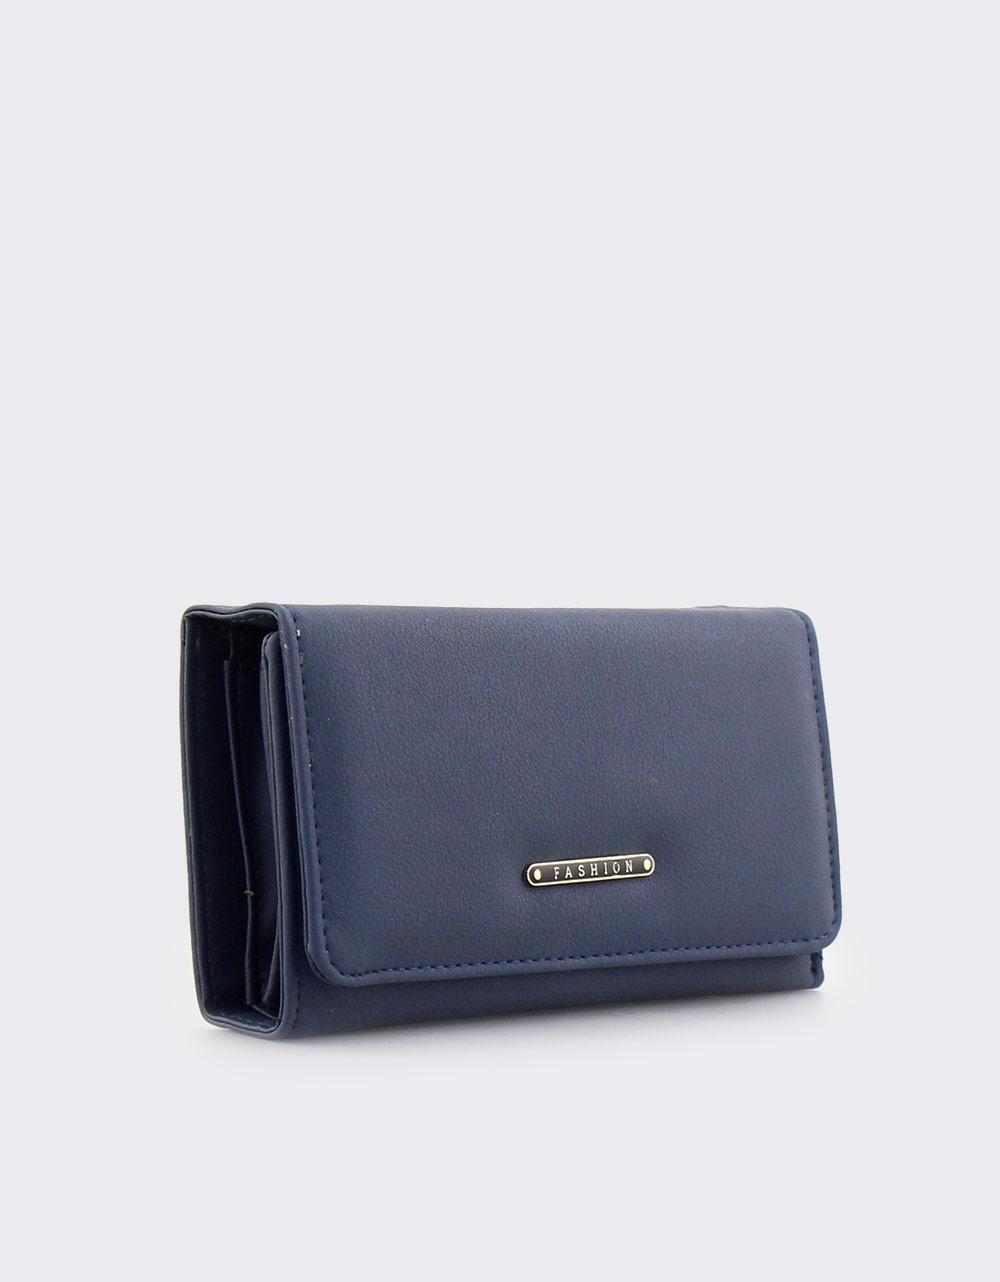 Εικόνα από Γυναικεία πορτοφόλια μονόχρωμα με μεταλλική λεπτομέρεια Μπλε